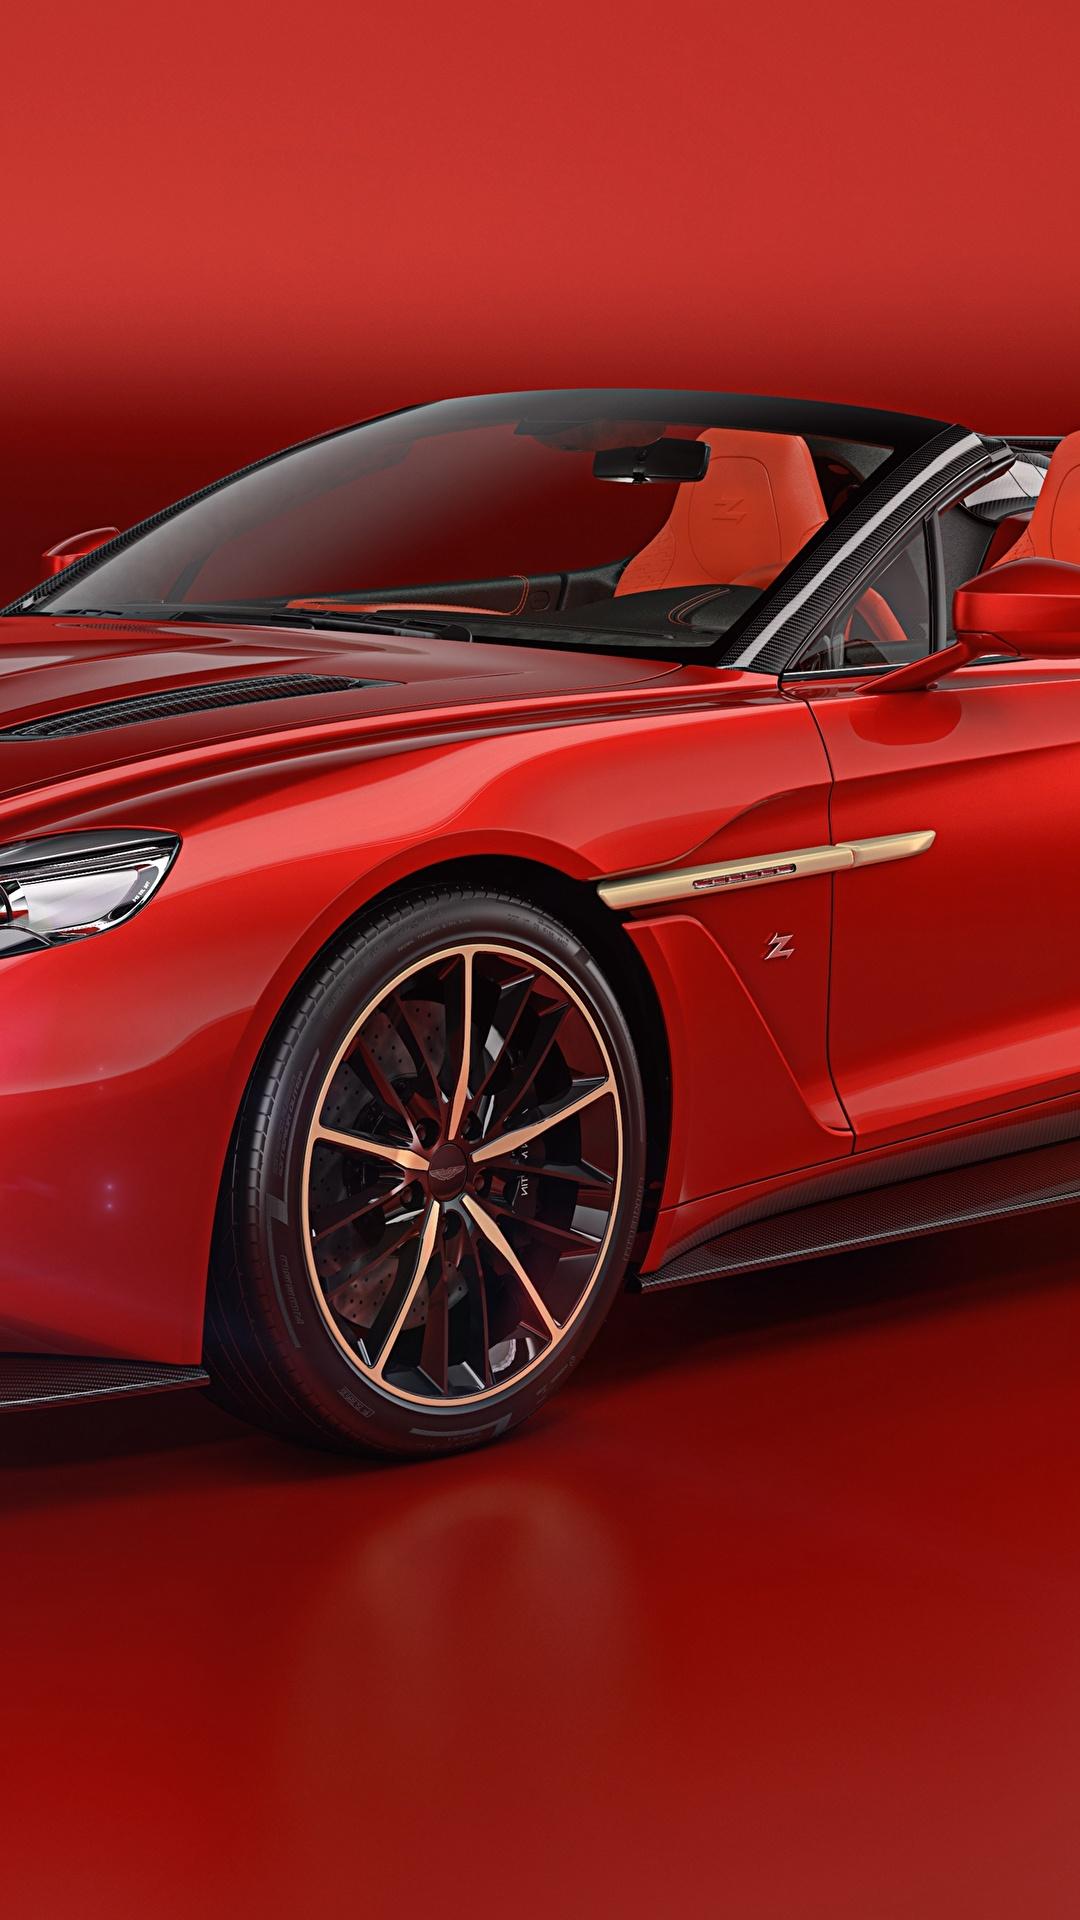 Картинки Астон мартин 2018 Vanquish Zagato Speedster Zagato Кабриолет красные Металлик Автомобили Красный фон 1080x1920 Aston Martin кабриолета красных Красный красная Авто Машины